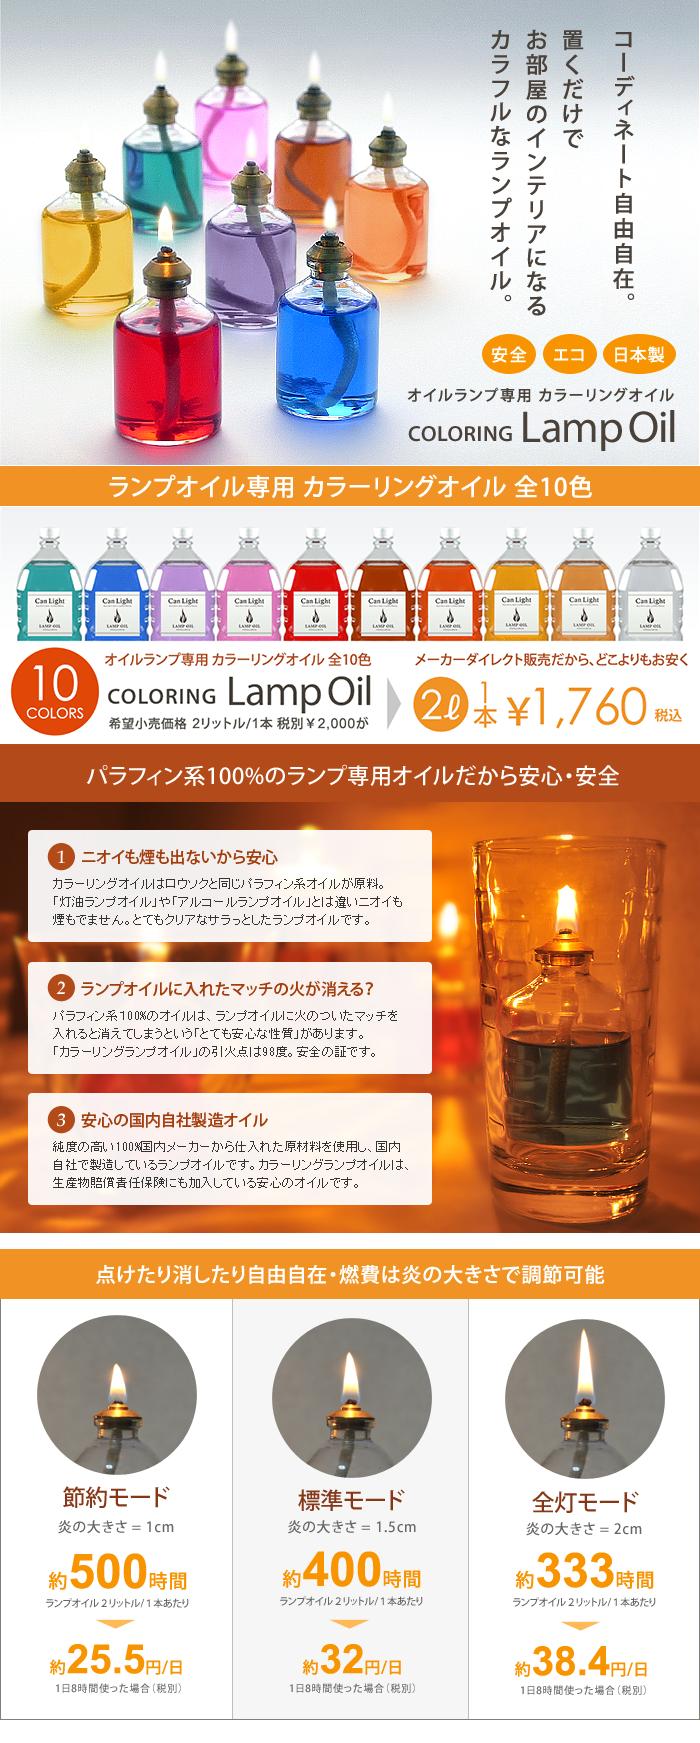 ランプオイル・カラーリングオイル